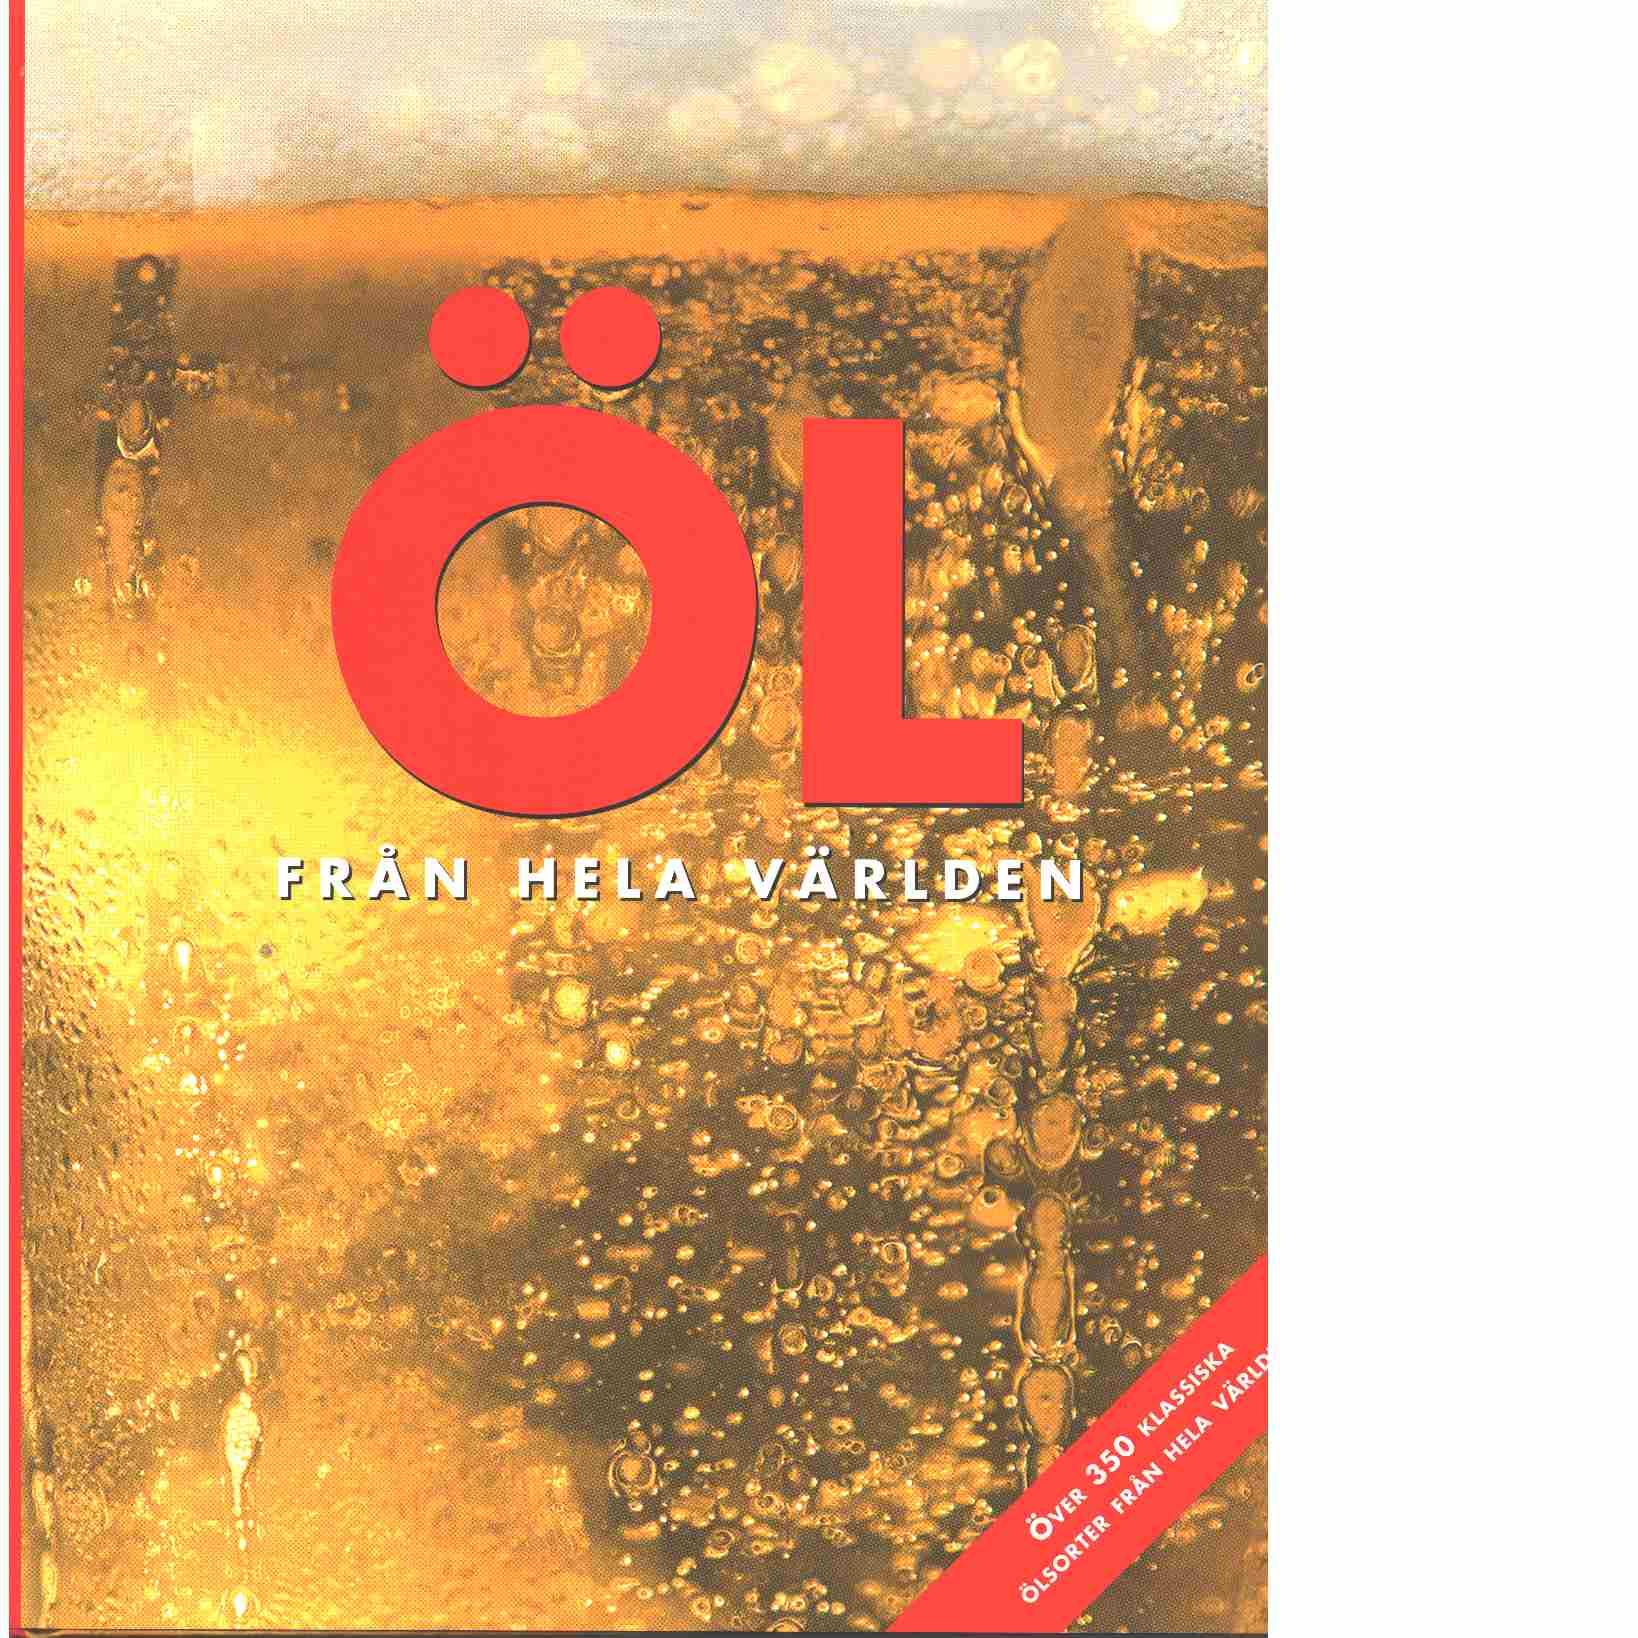 Öl från hela världen över 350 klassiska ölsorter - Kenning, David och Jackson, Robert